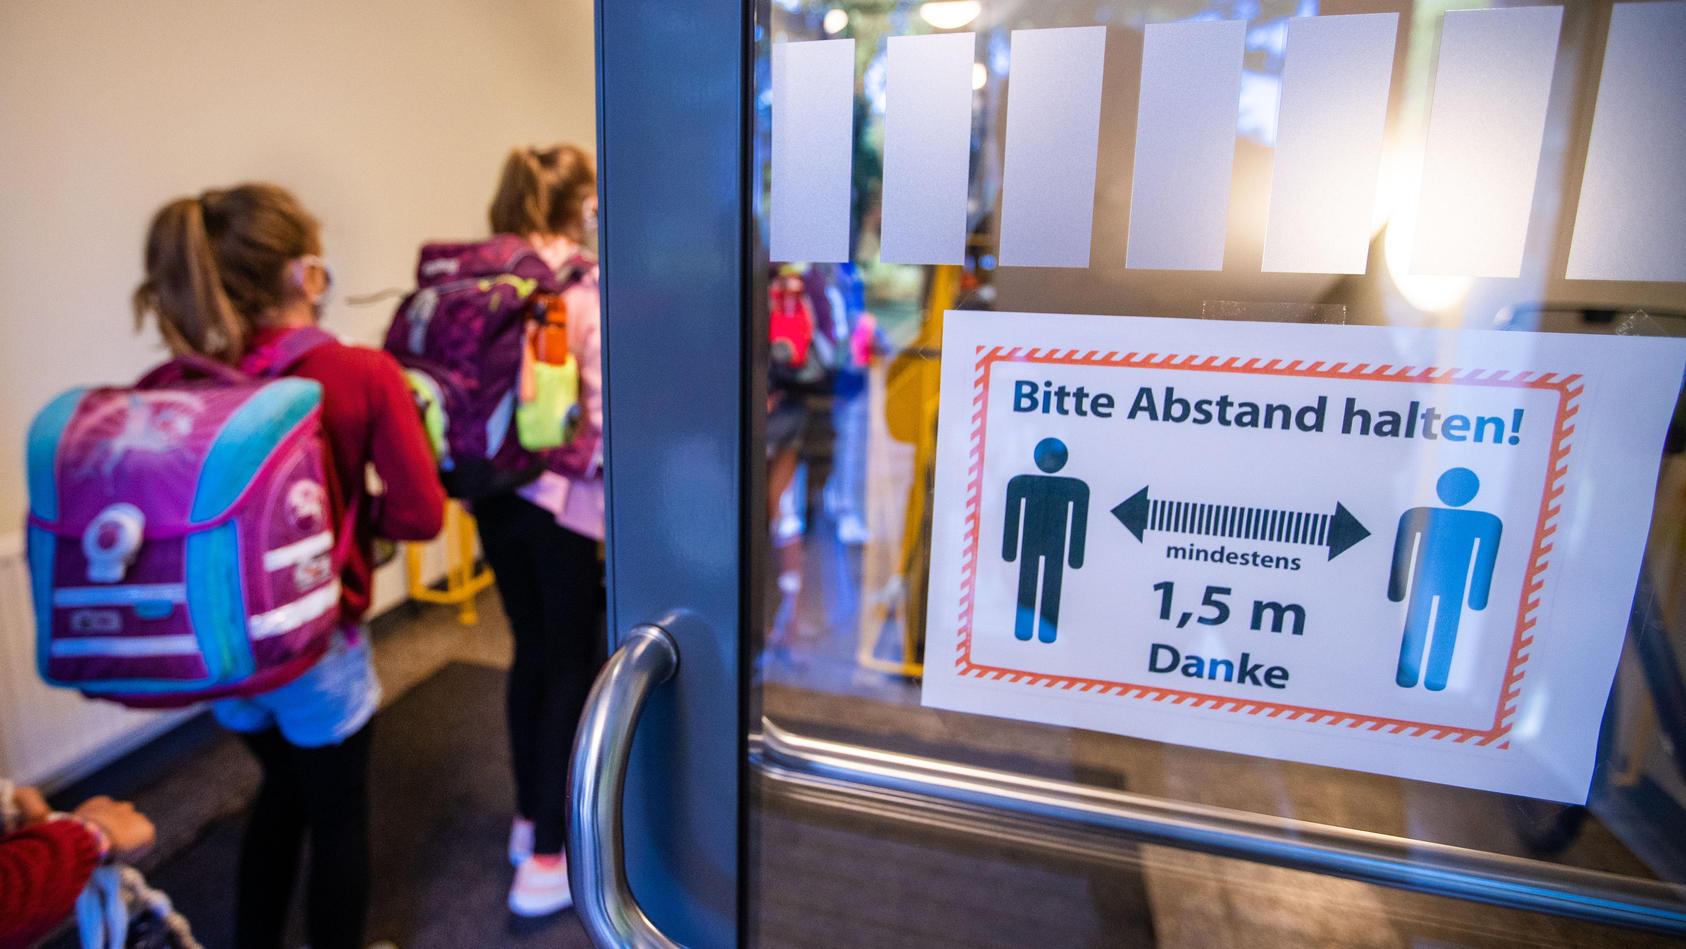 Schuljahresbeginn unter Coronabedingungen: Die ersten beiden Schulen mussten in Mecklenburg-Vorpommern nun schon wieder schließen.